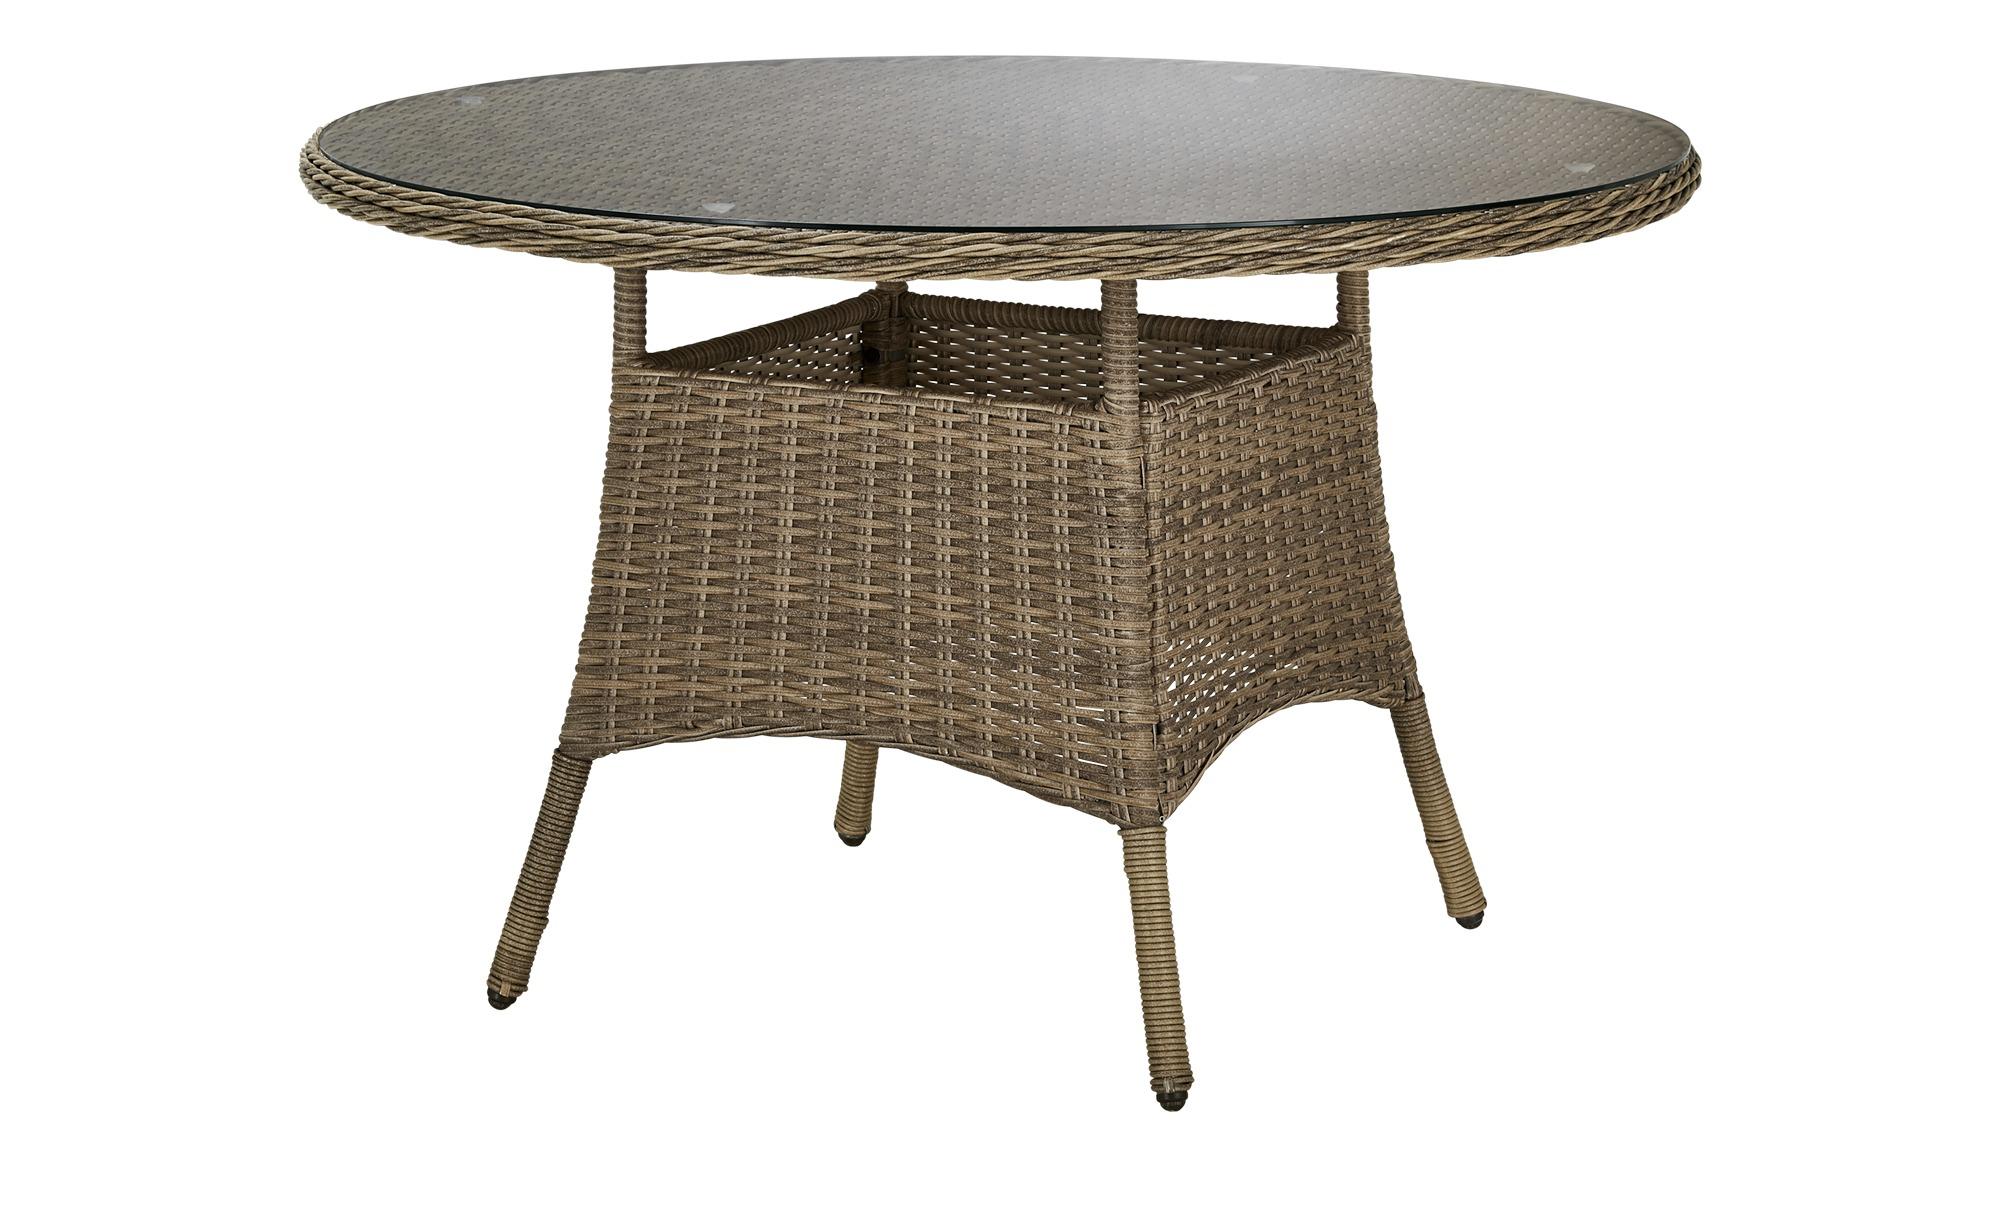 a casa mia Tisch  Florenz 2 ¦ creme ¦ Aluminium pulverbeschichtet/ PE-Geflecht ¦ Maße (cm): H: 75 Ø: 120 Garten > Gartenmöbel > Gartentische - Höffner